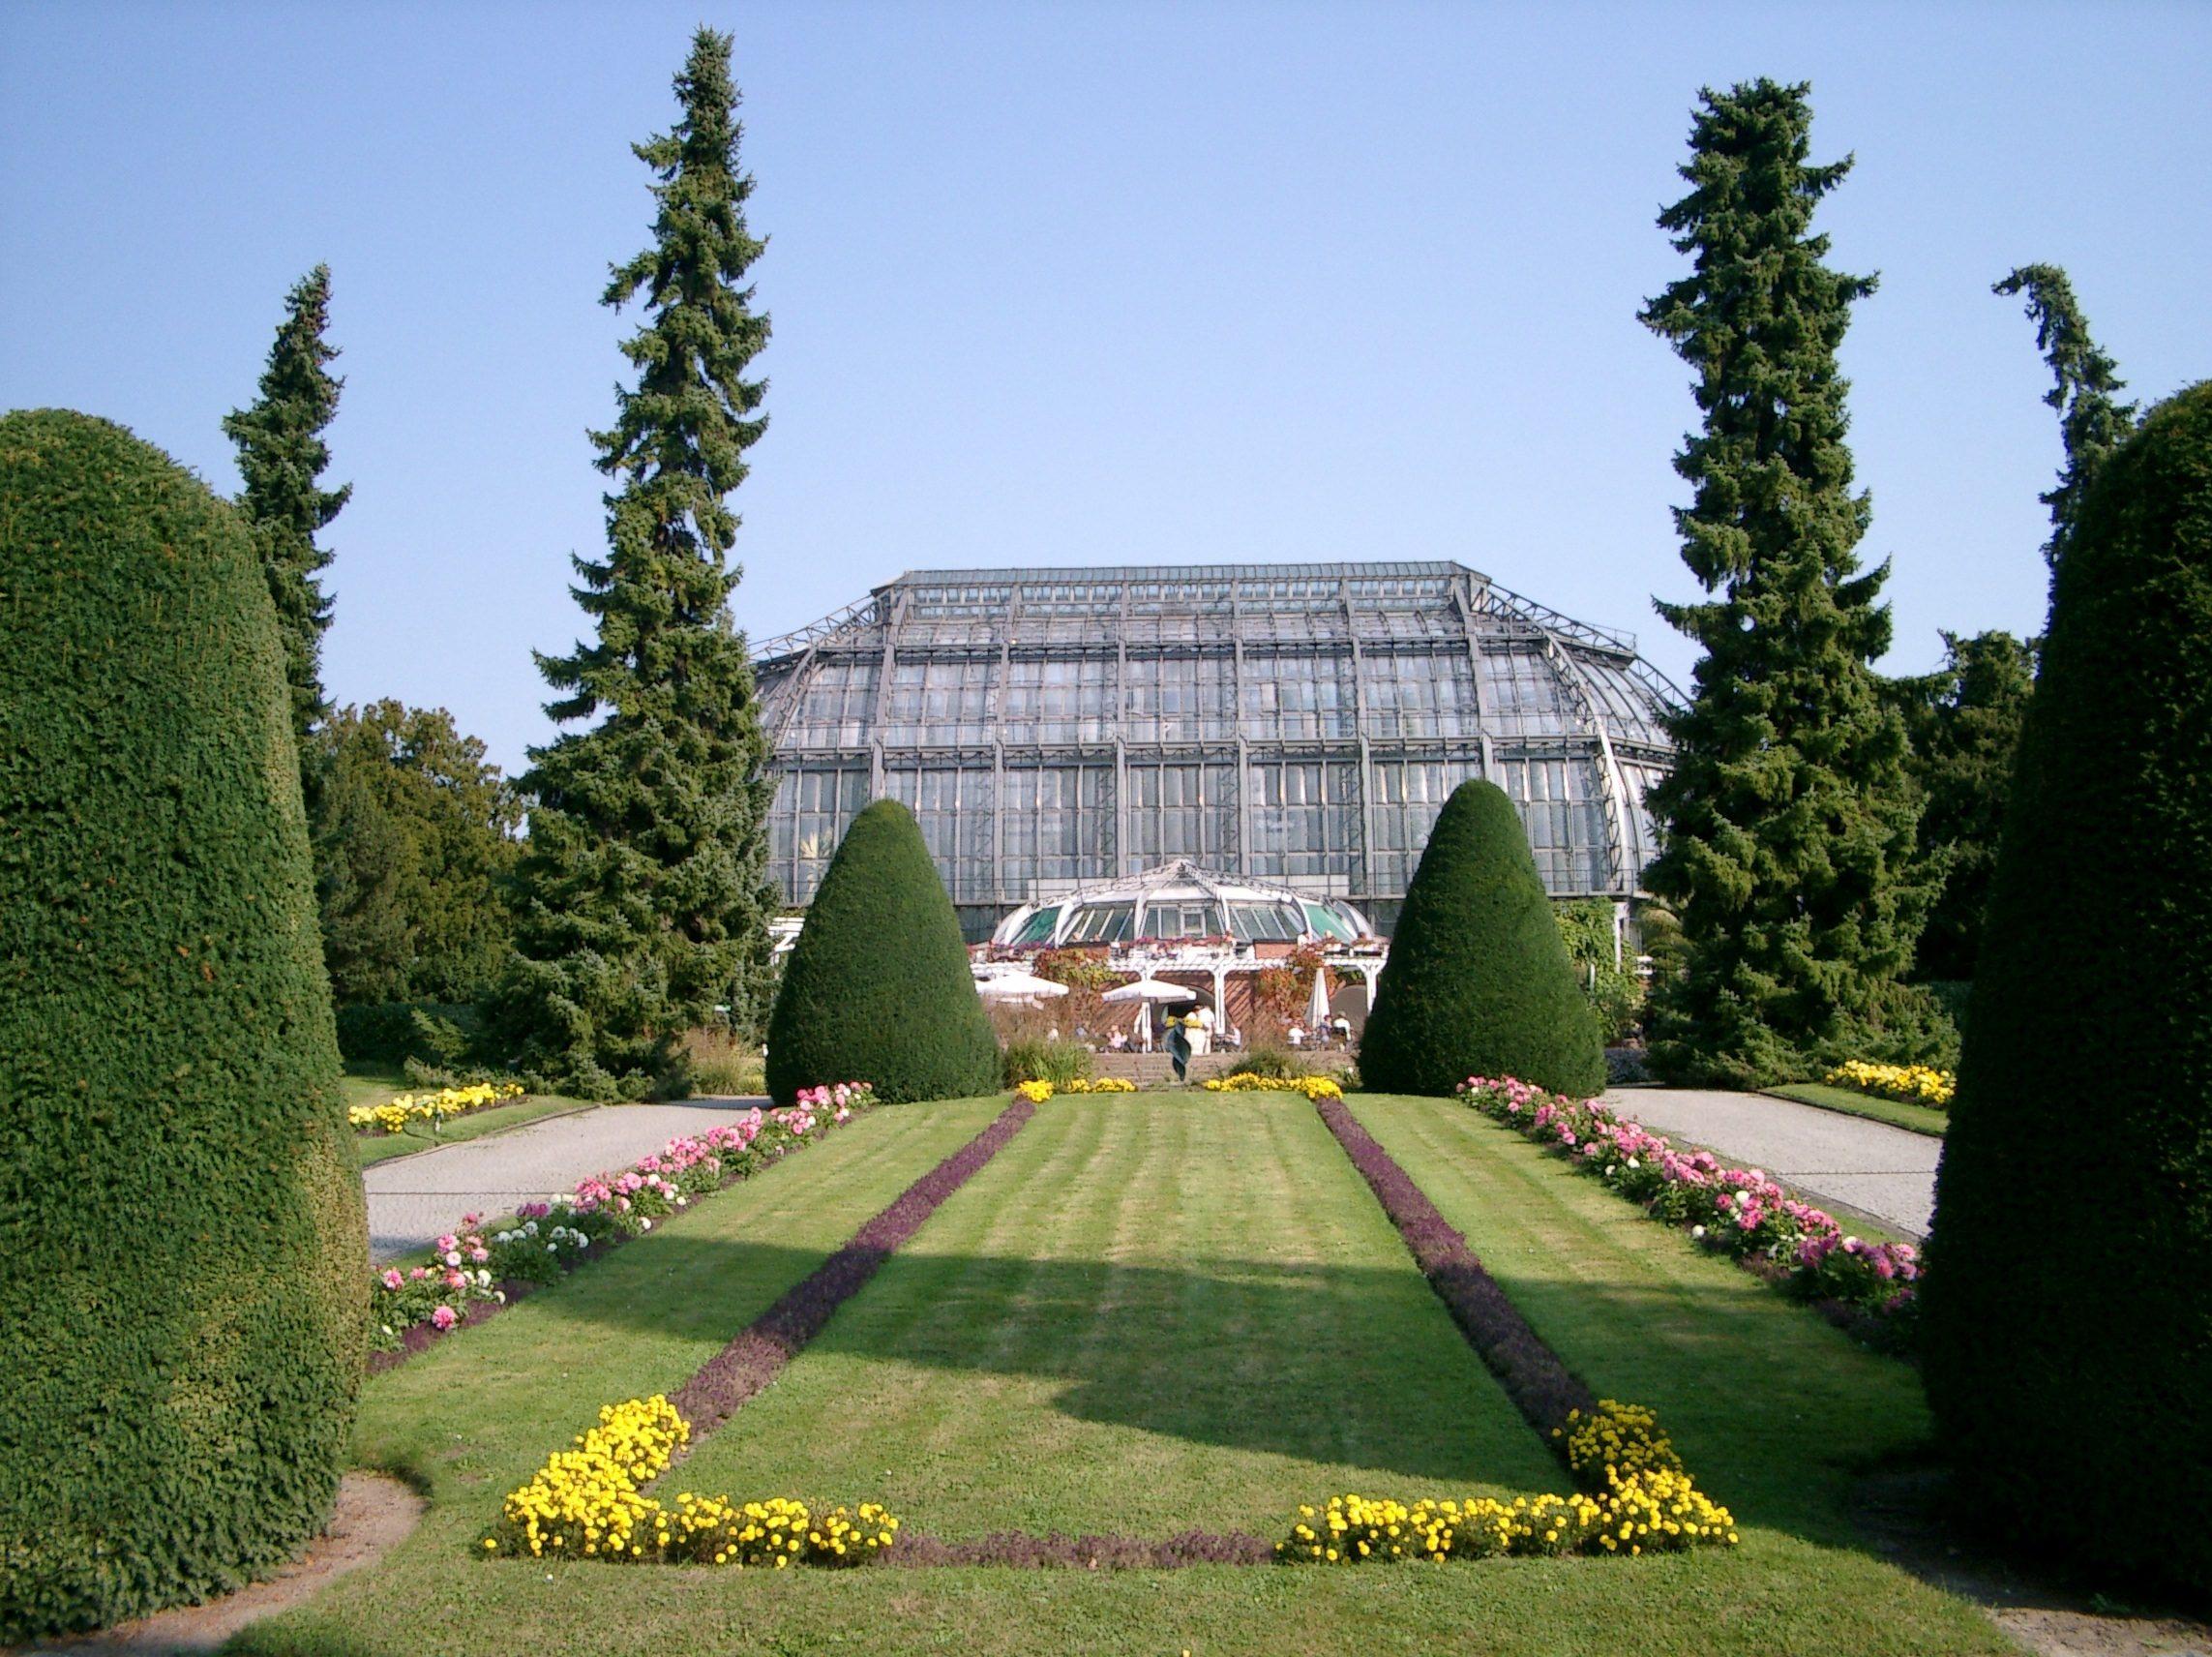 Blumen- und Pflanzenpracht draußen und überdacht: Botanischer Garten in Dahlem.